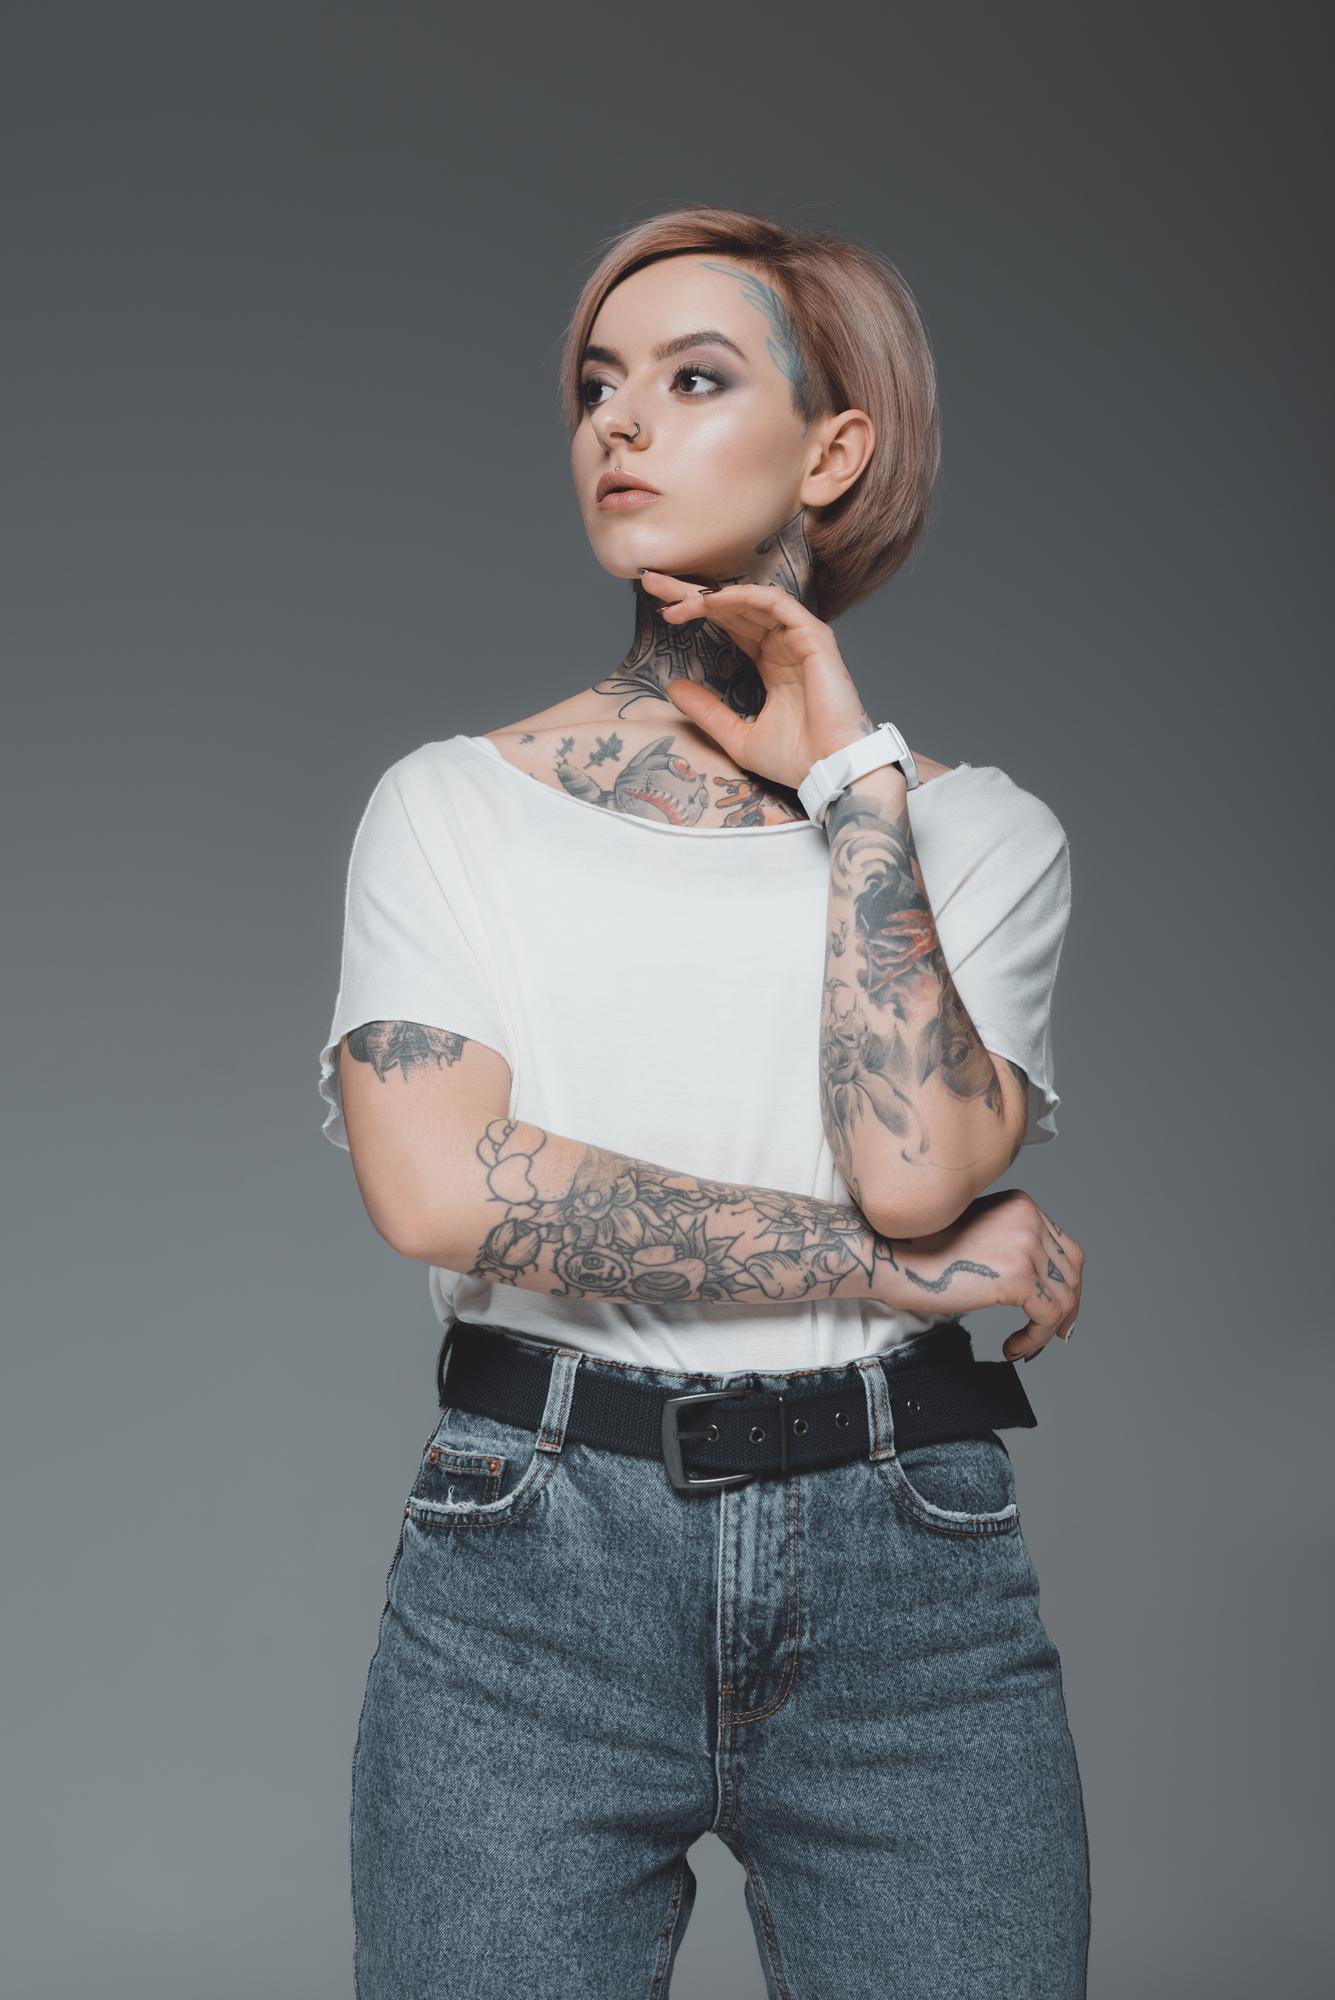 Jesse Tattoo Set Editor